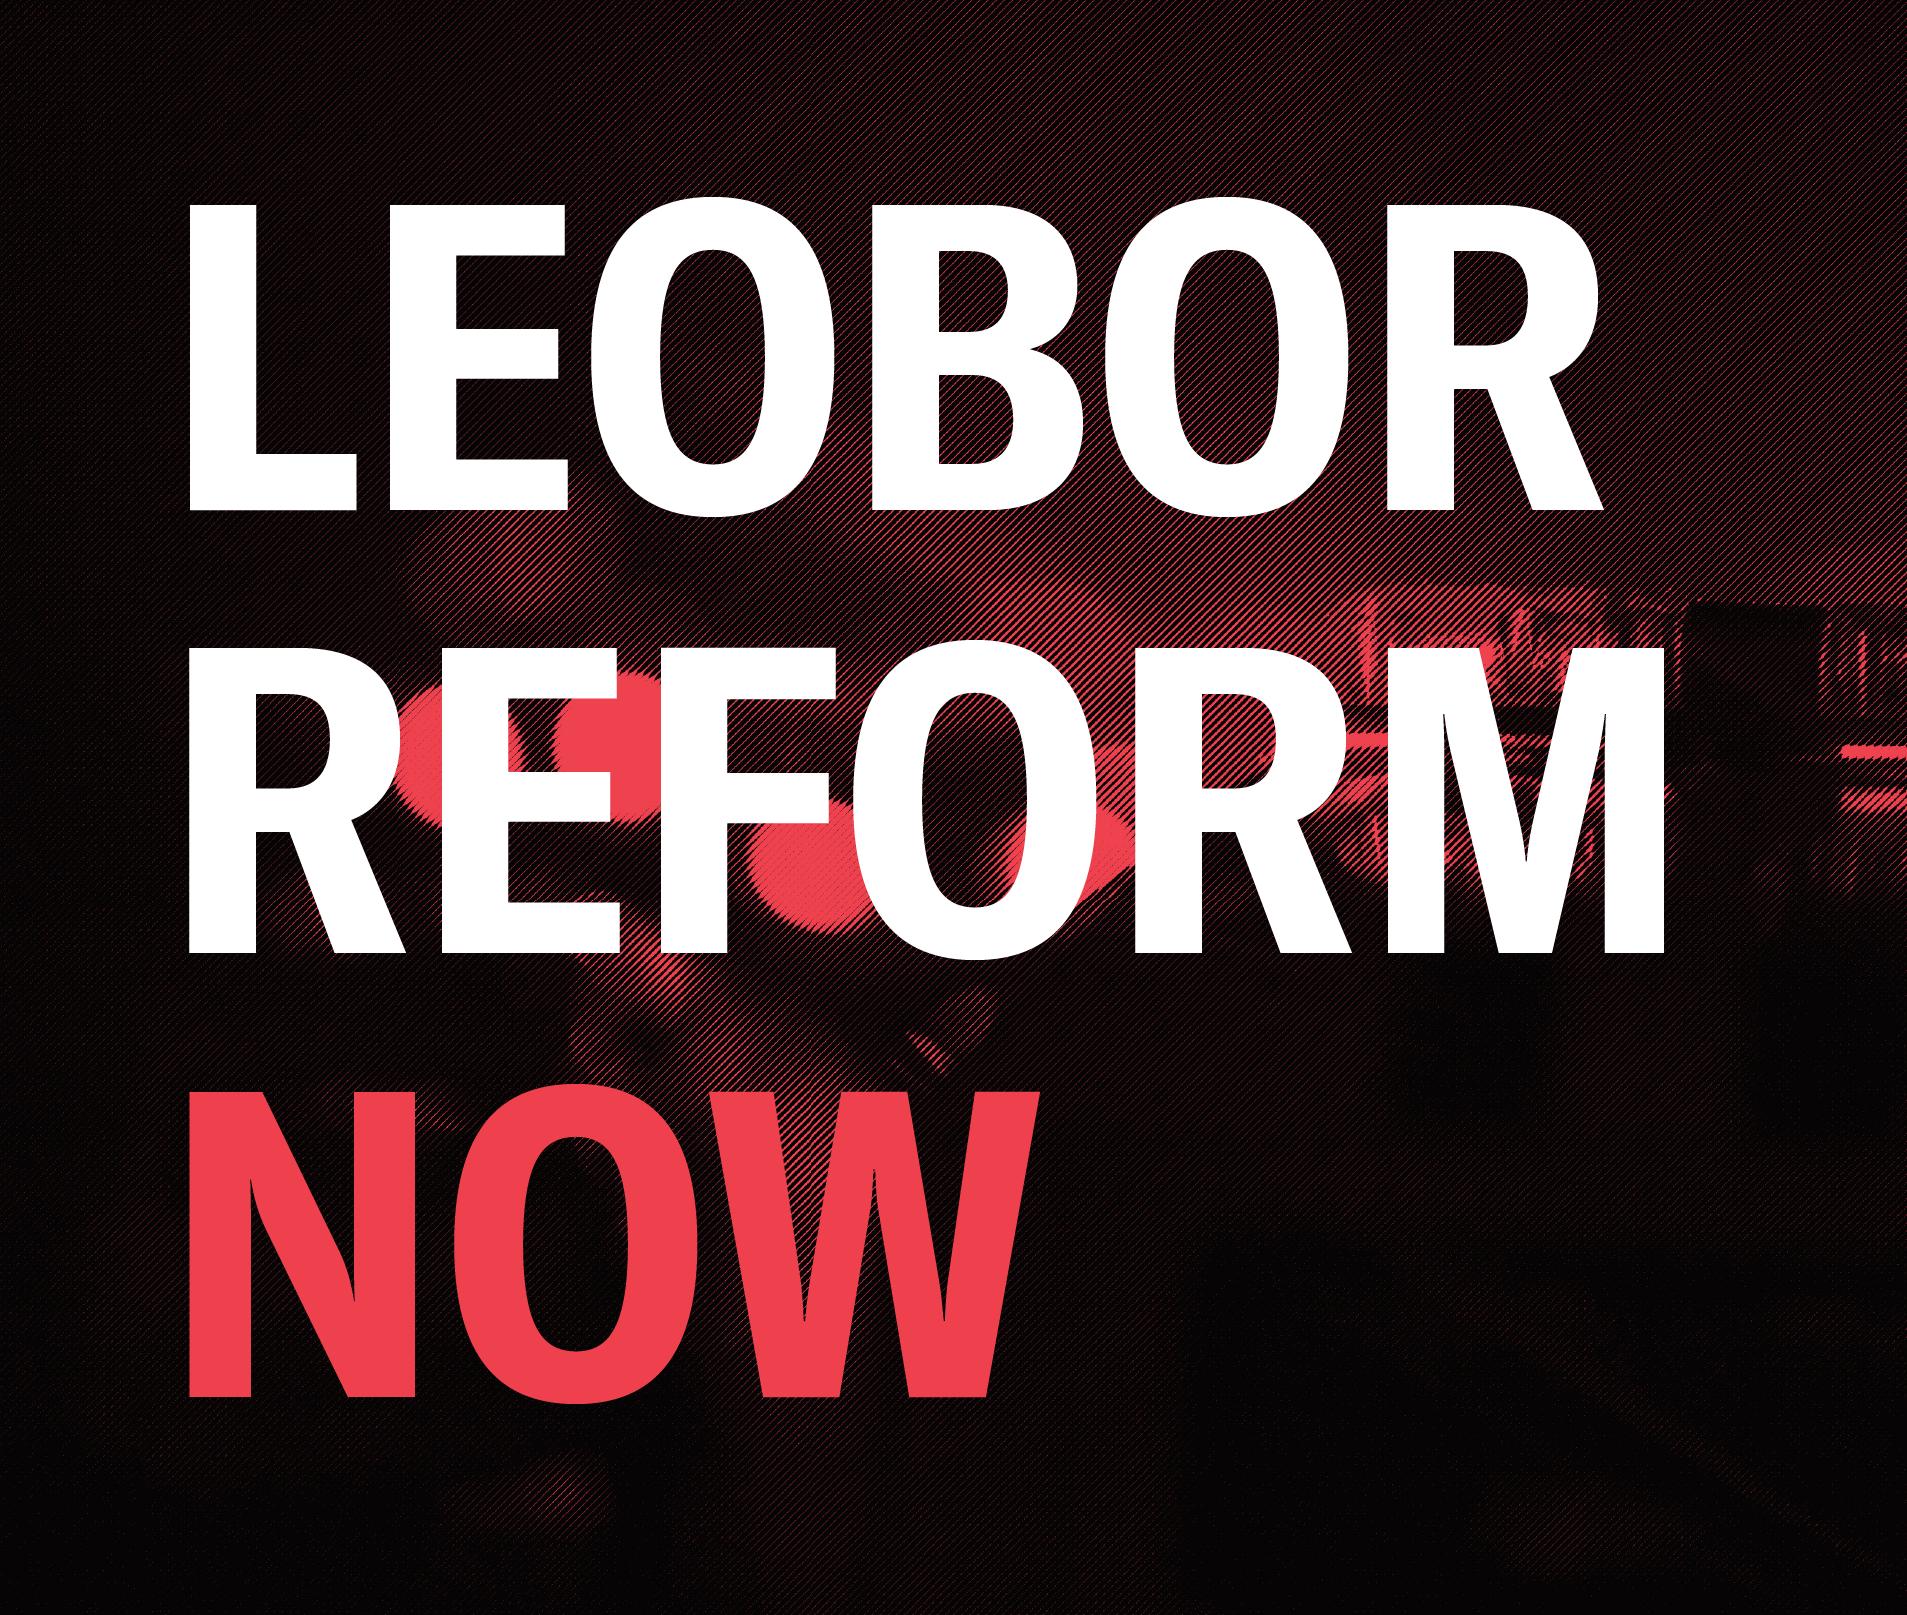 LEOBOR REFORM NOW